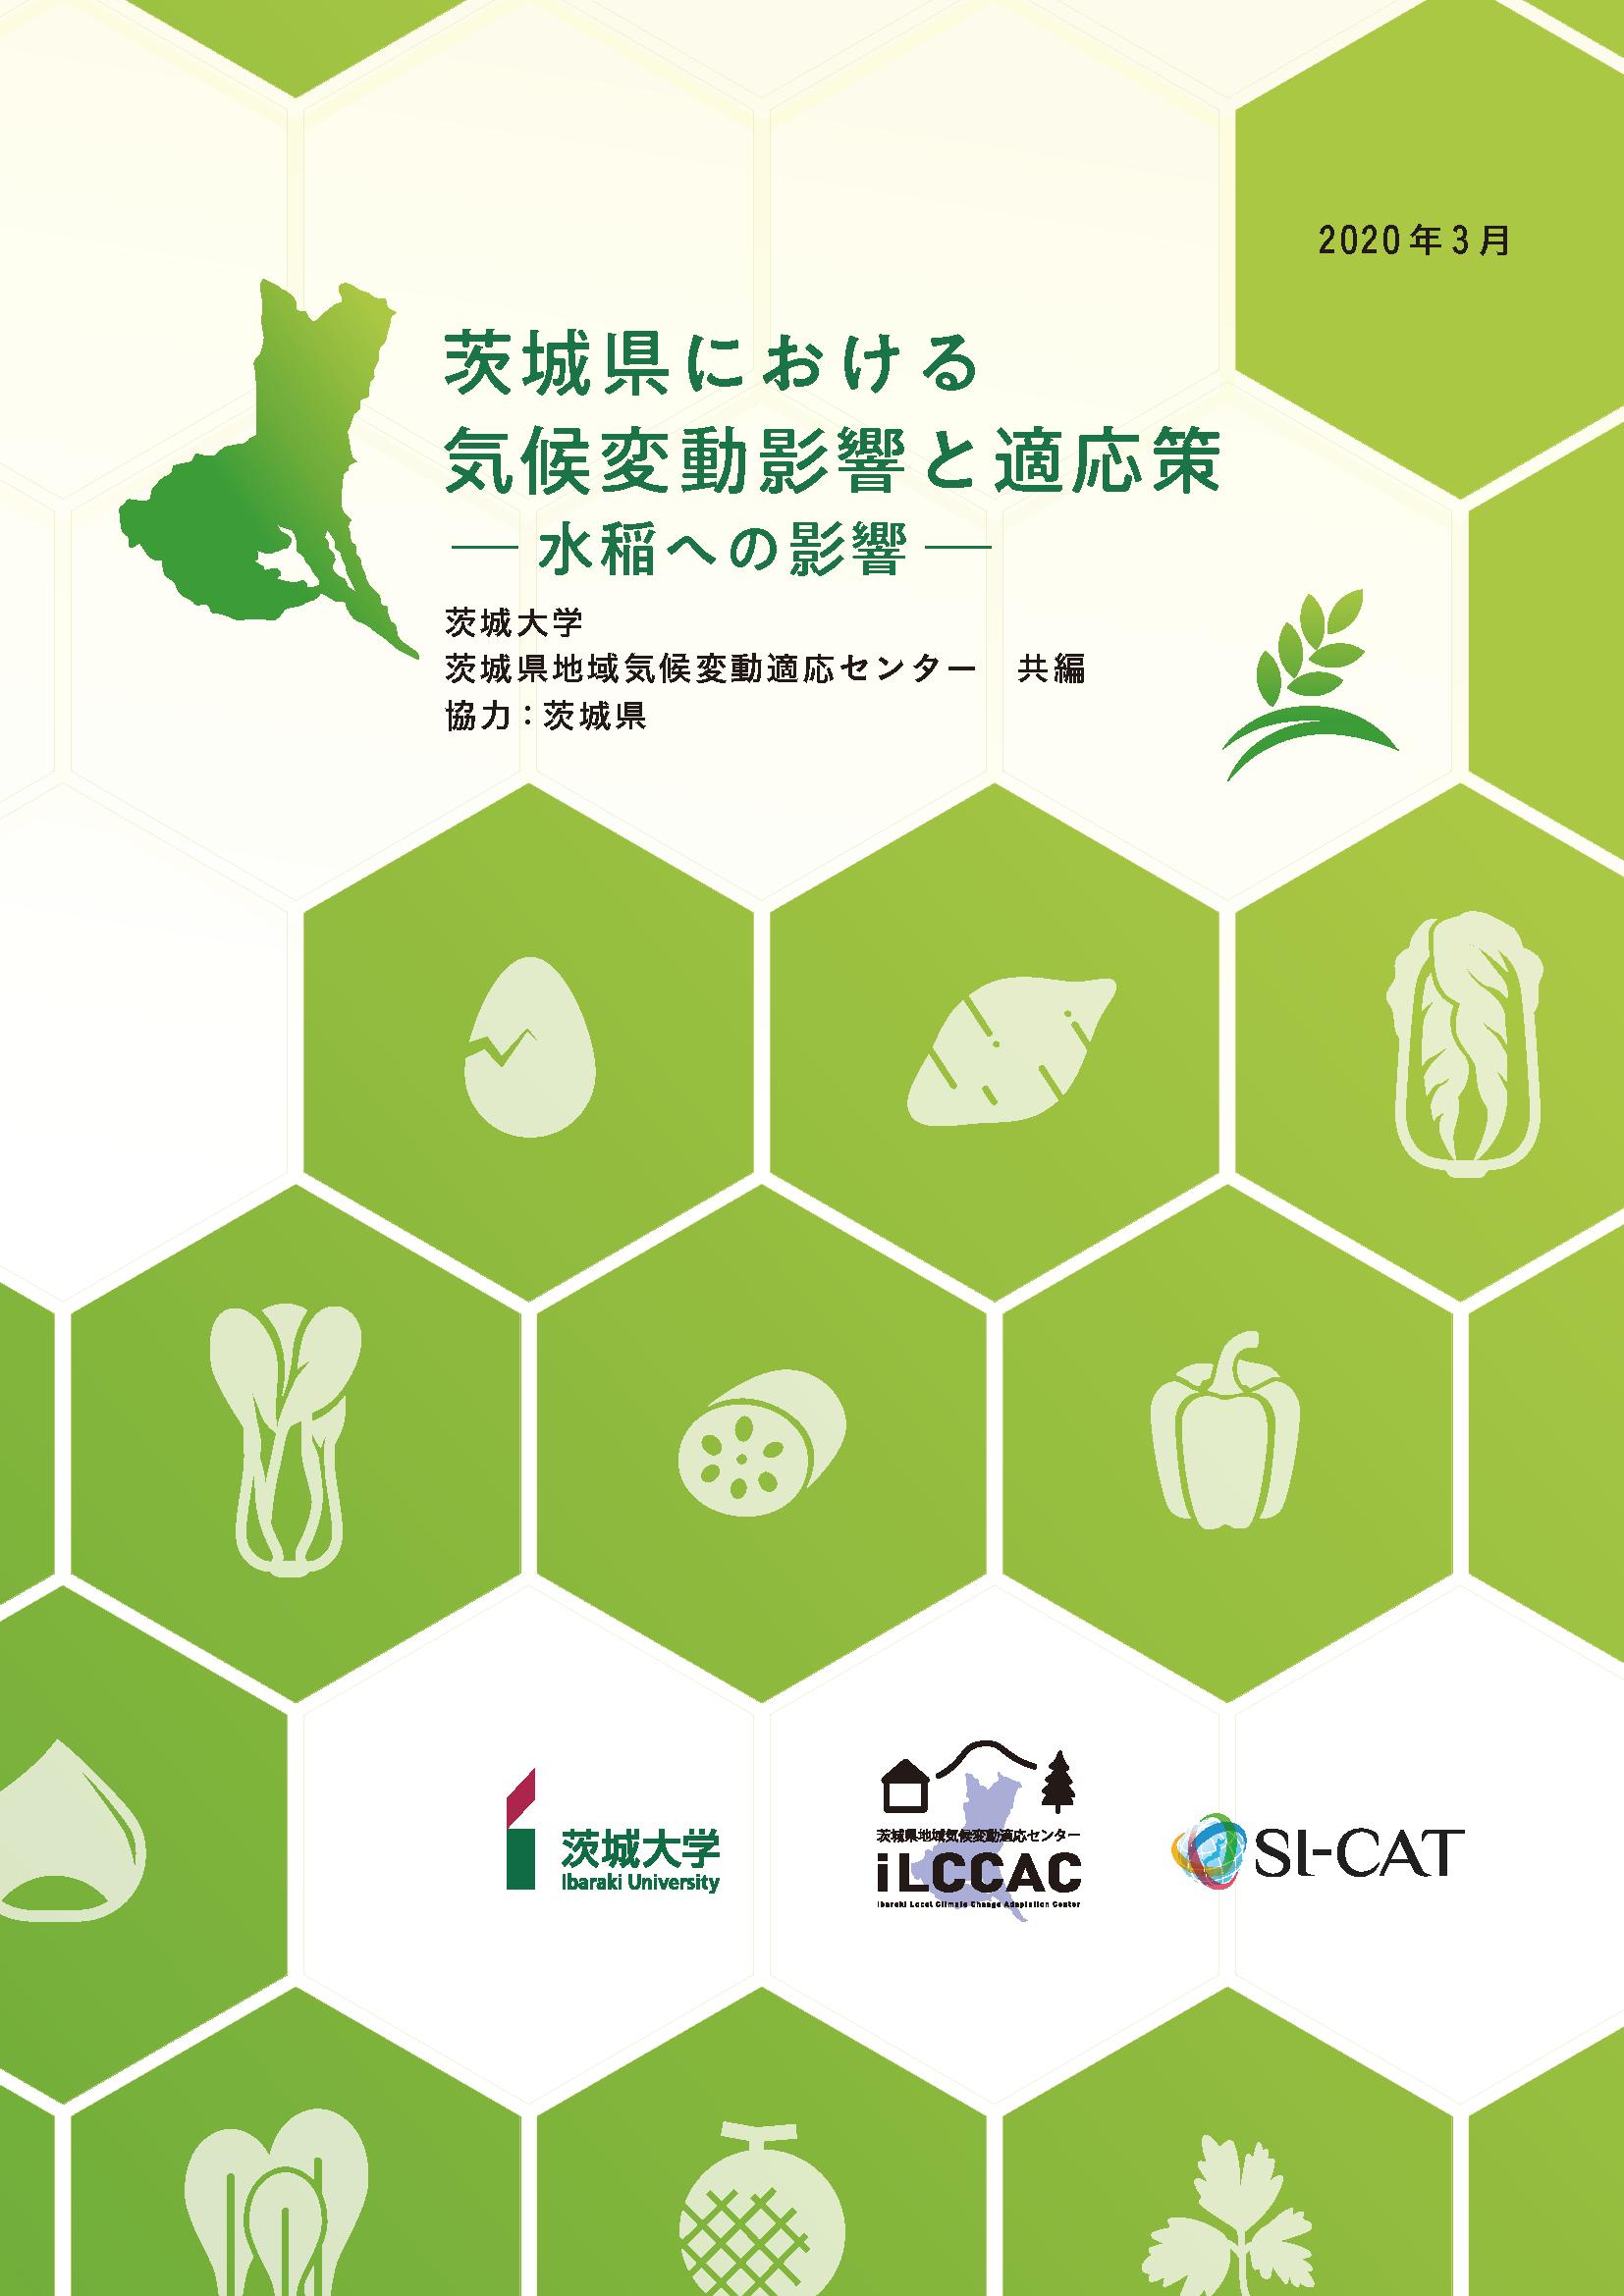 「茨城県における気候変動影響と適応策―水稲への影響―」の発行